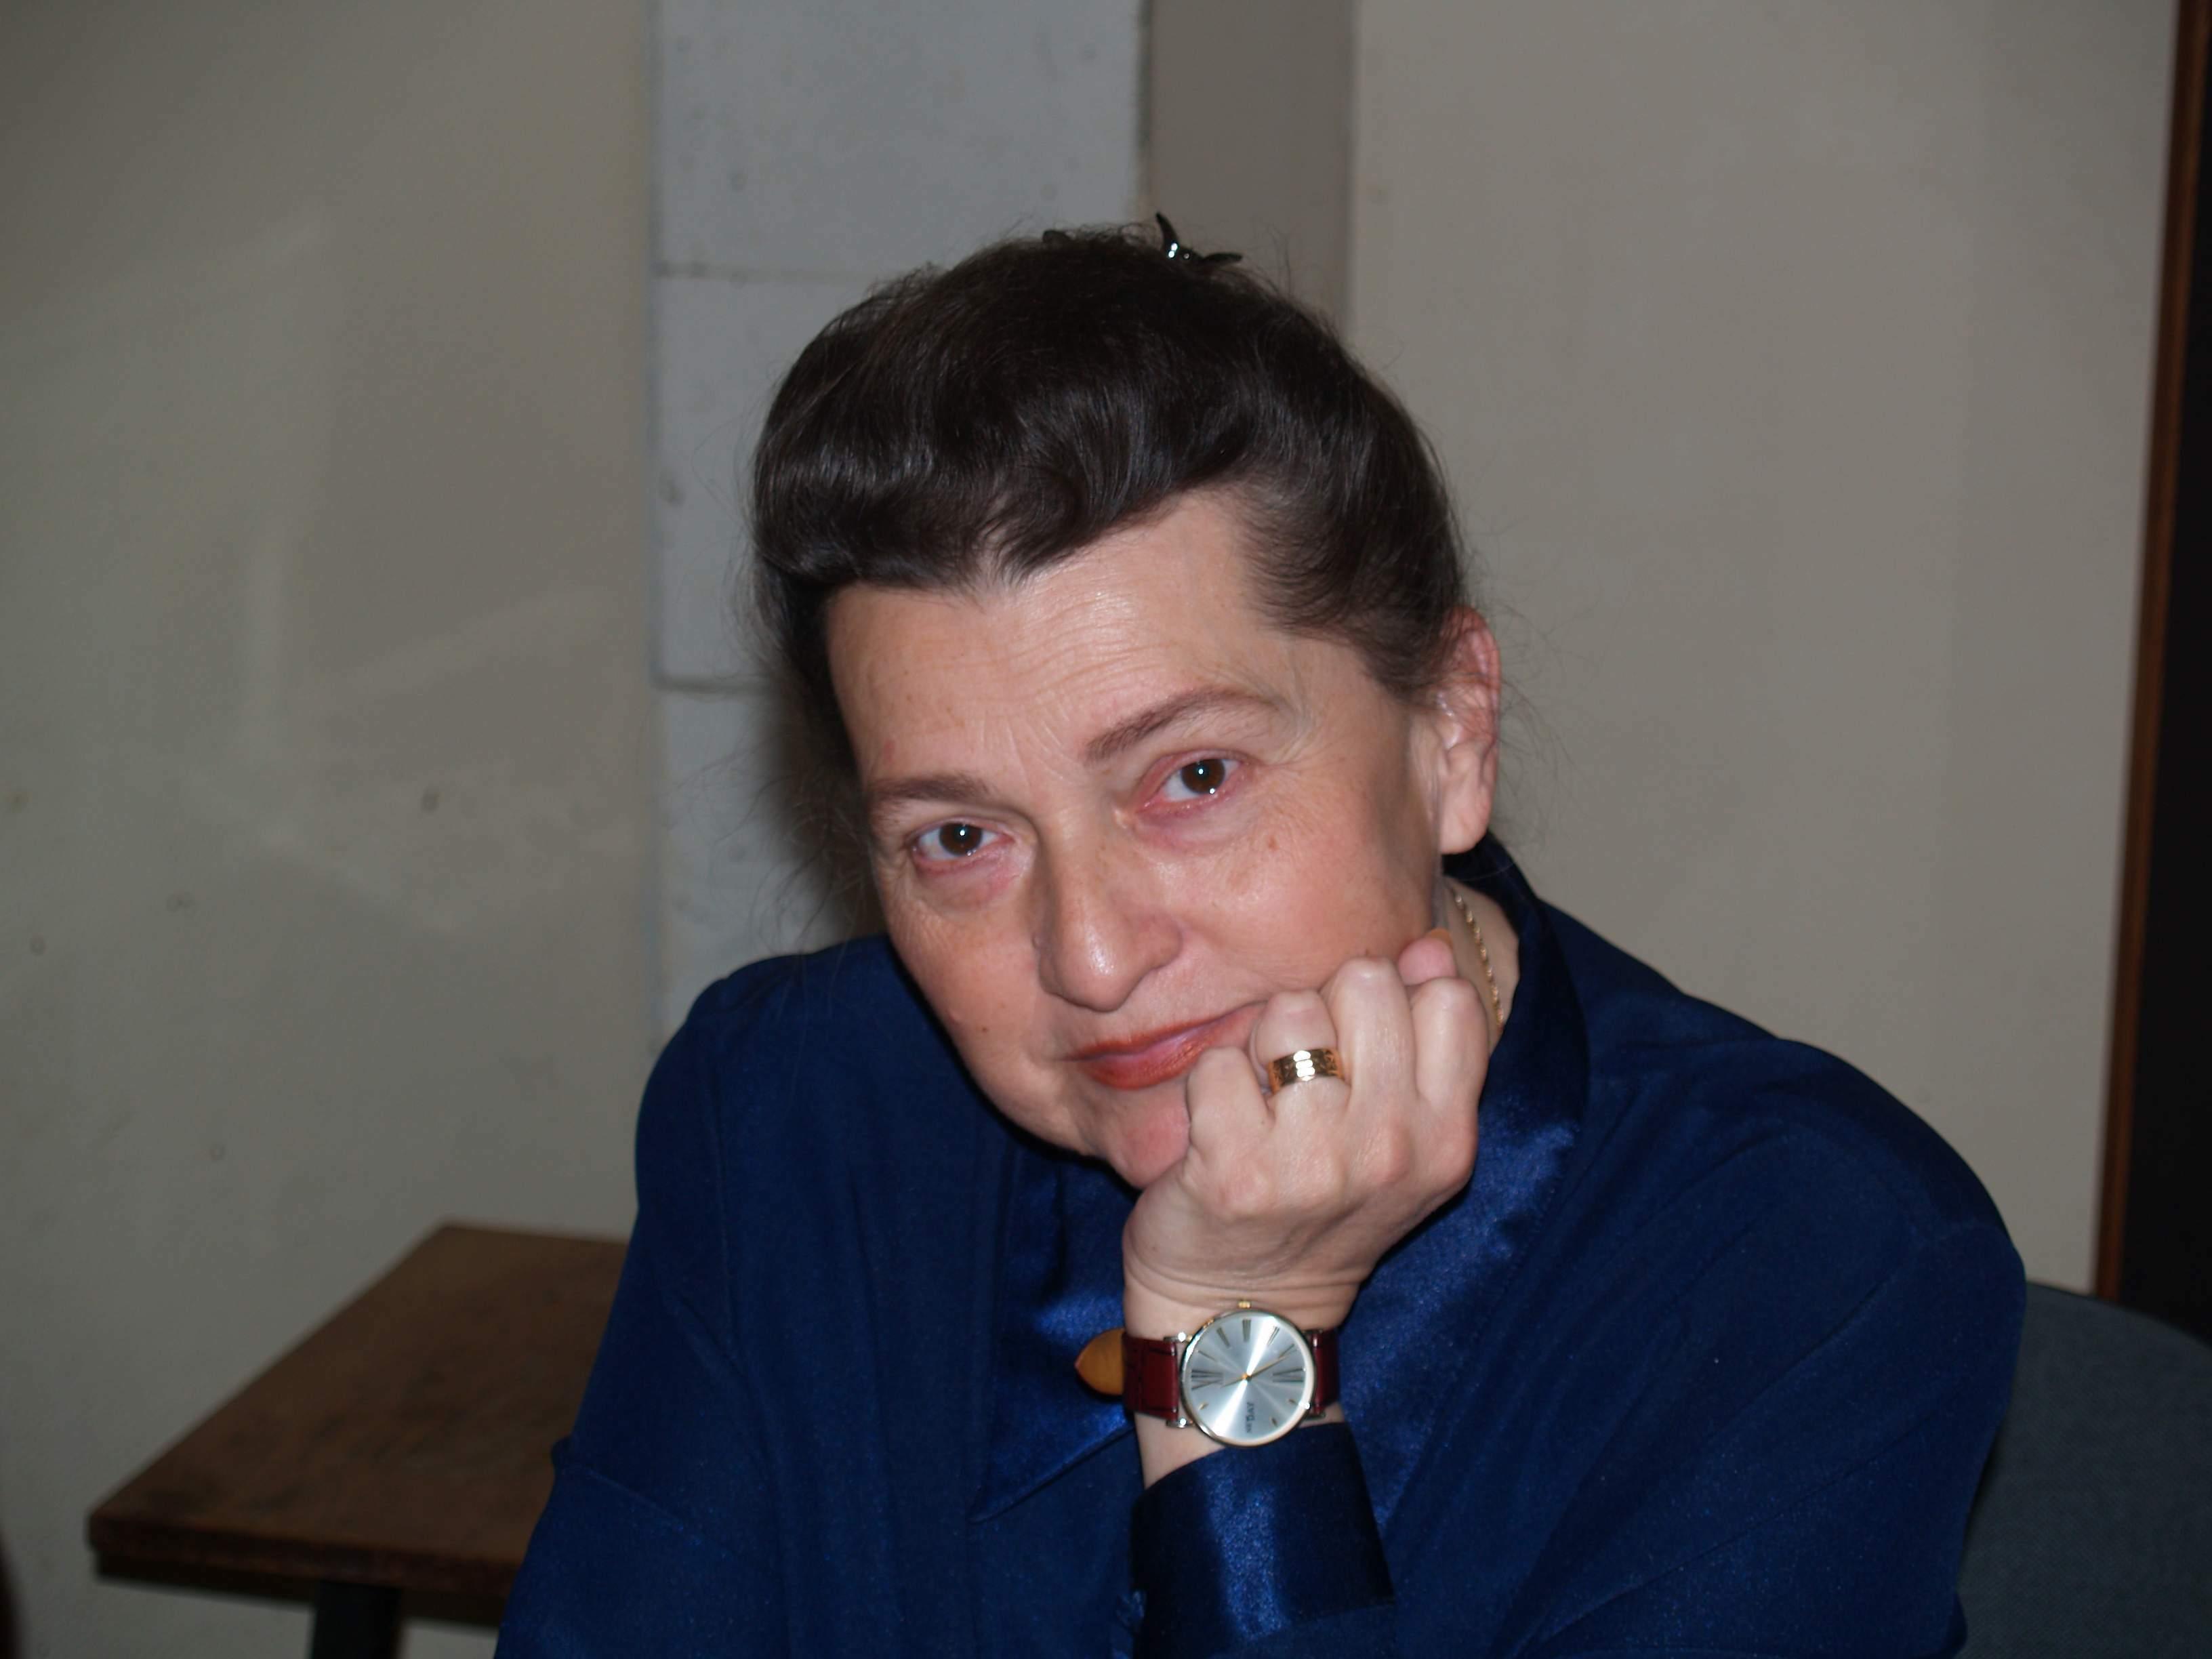 НЮХИНА Татьяна Владимировна